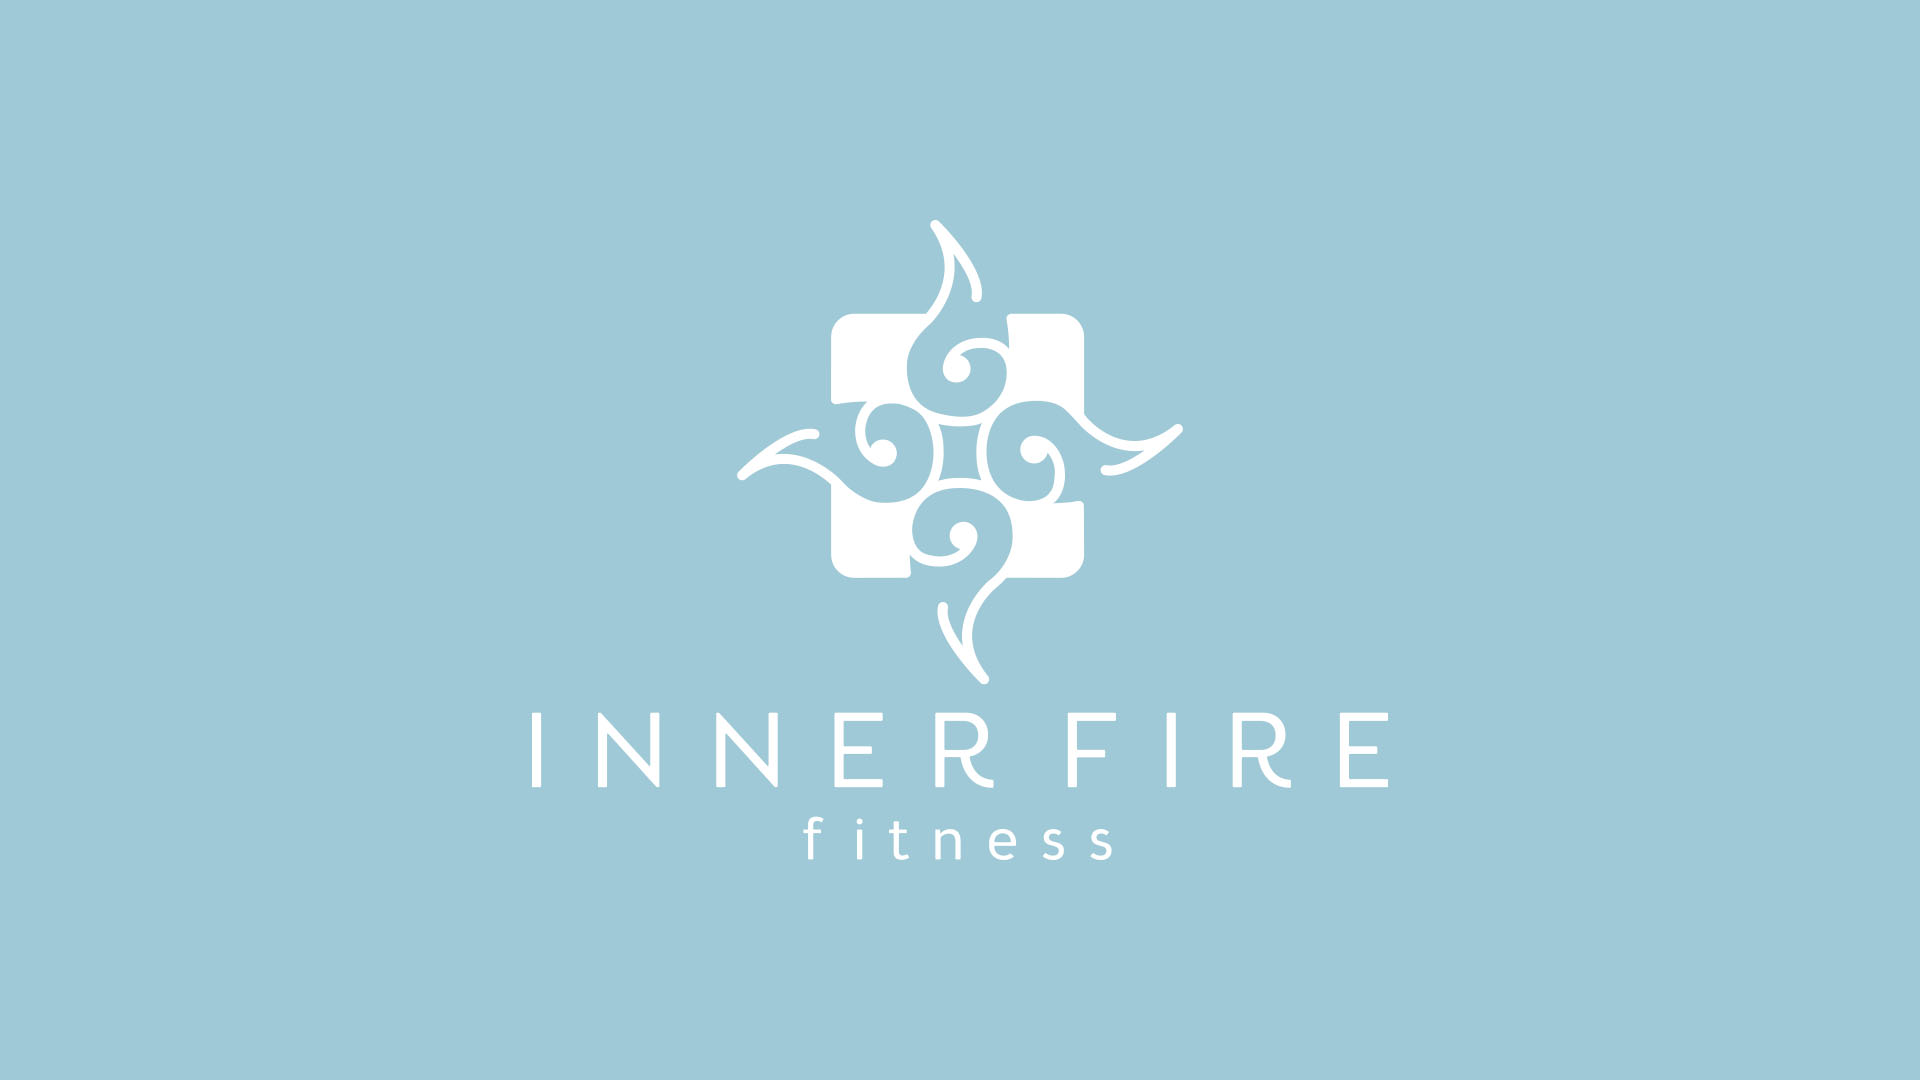 INNER FIRE FITNESS BRAND IDENTITY & WEBSITE